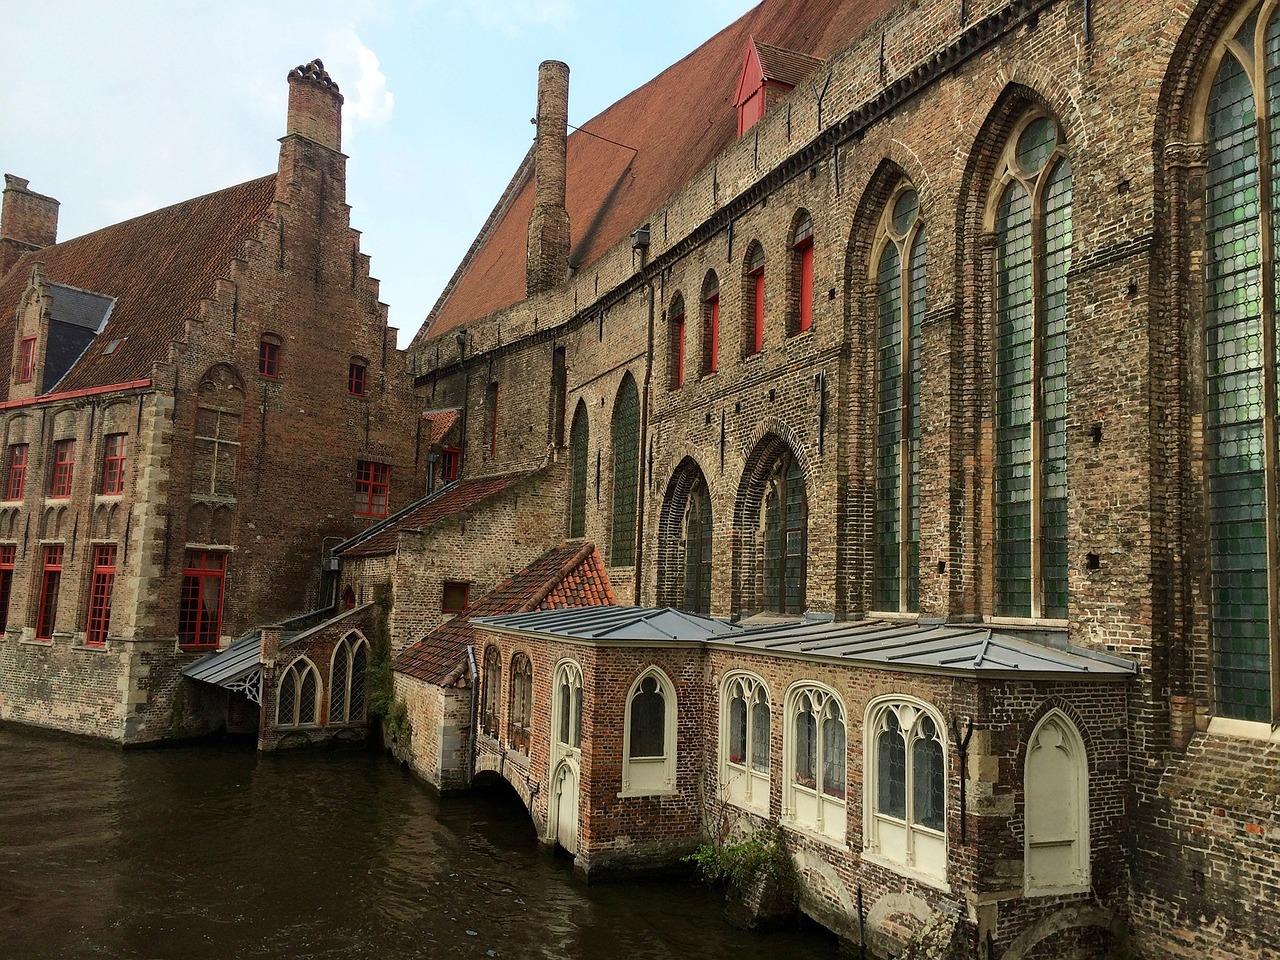 St  Johns Brugge pixabay.jpg